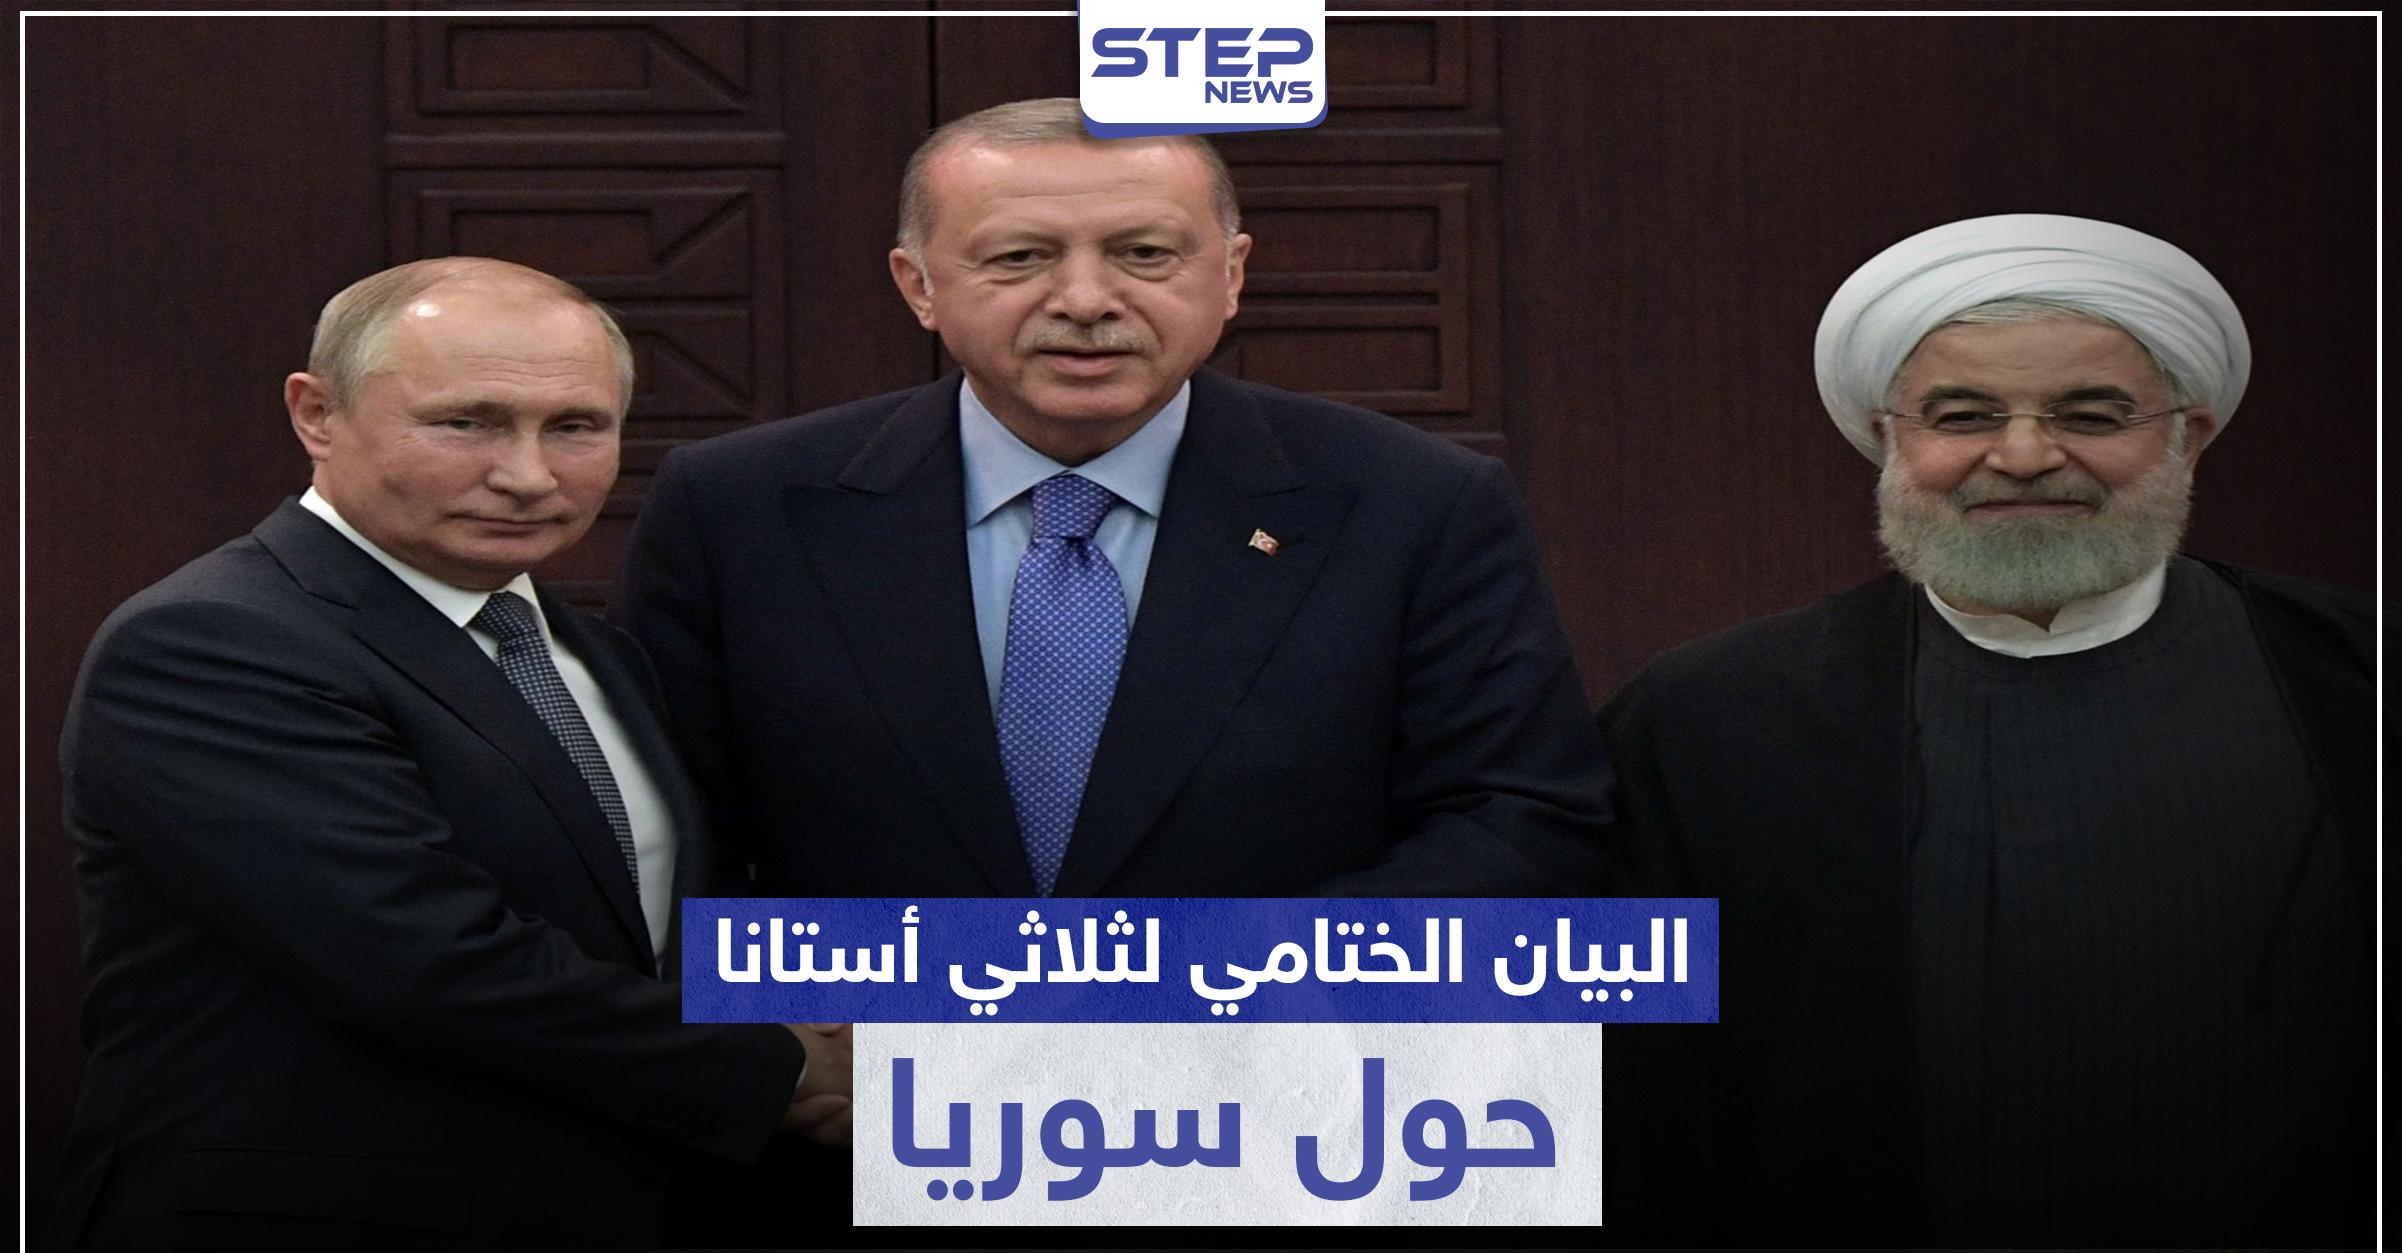 ثلاثي أستانا ينهي اجتماعه ببيان ختامي.. إليك ما جاء فيه حول إدلب والعملية السياسية في سوريا